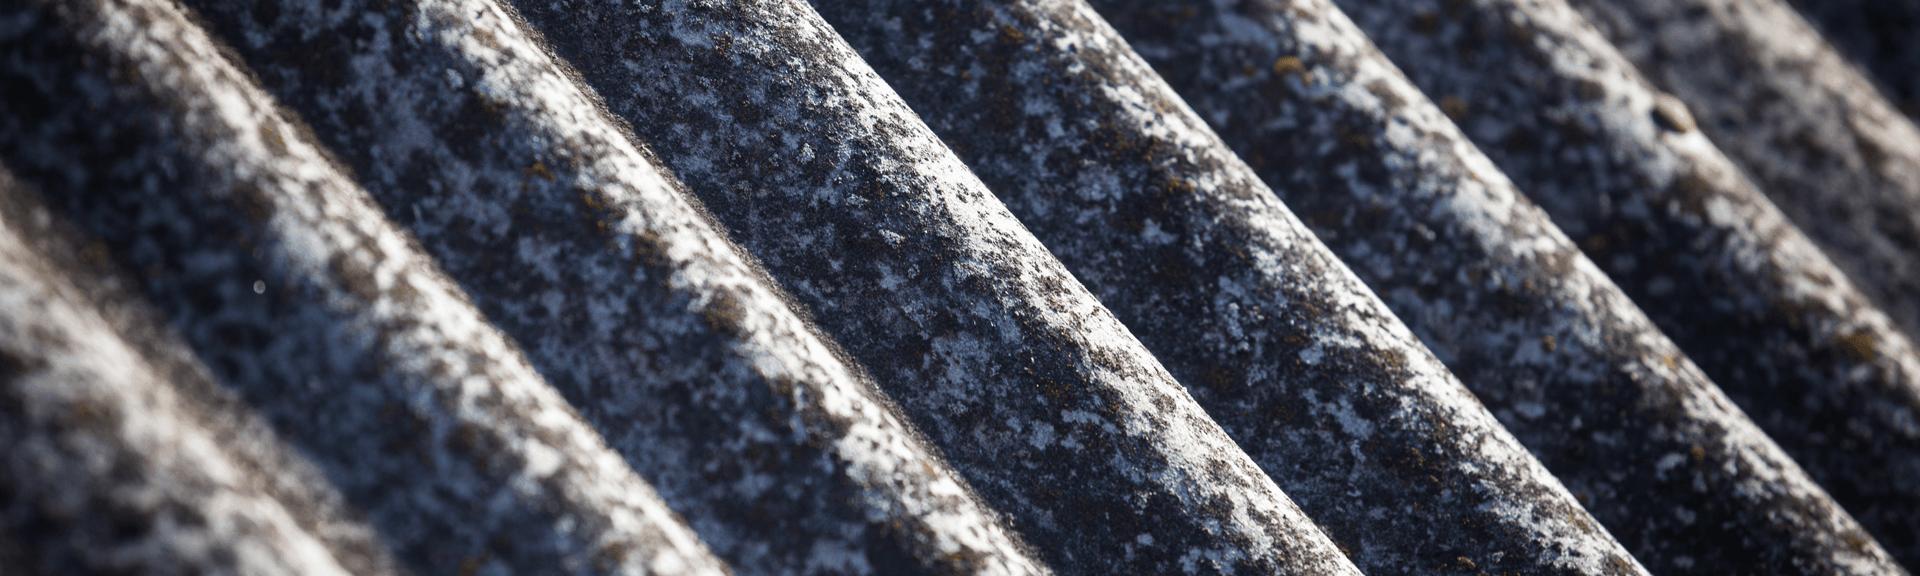 Tôles ondulées contenant de l'amiante